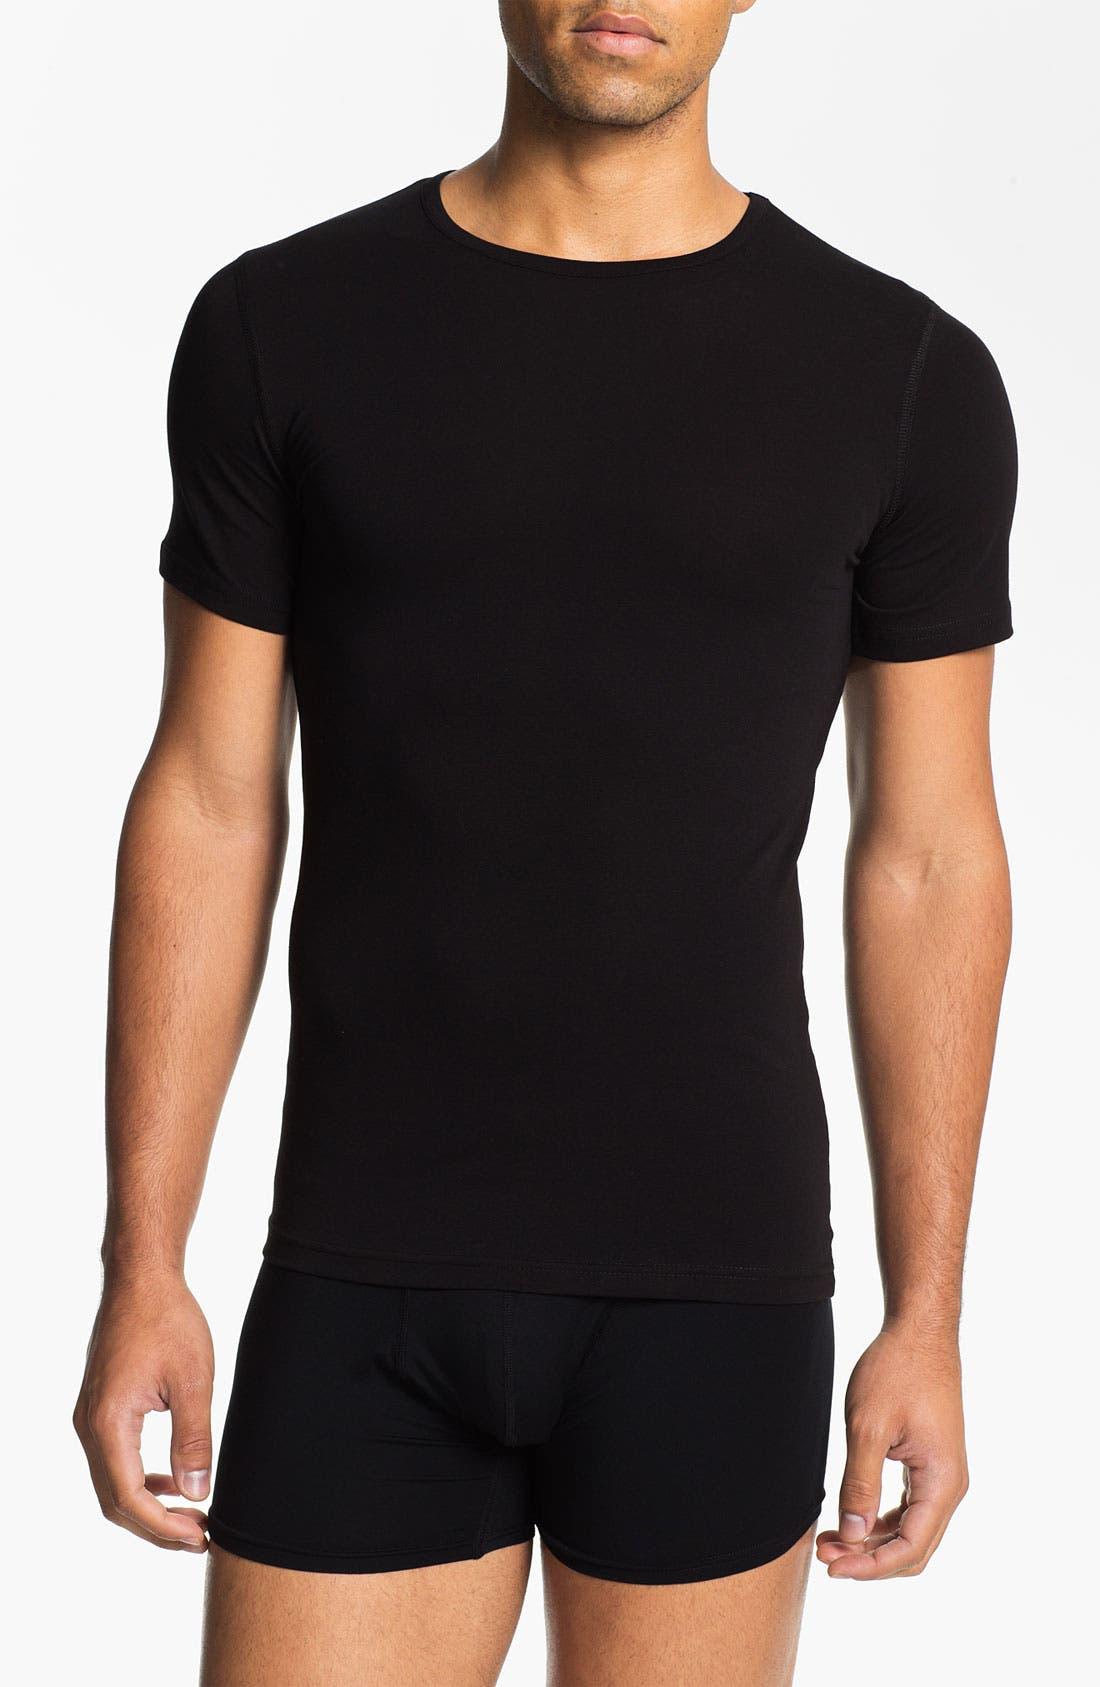 Main Image - Naked Crewneck Cotton Undershirt